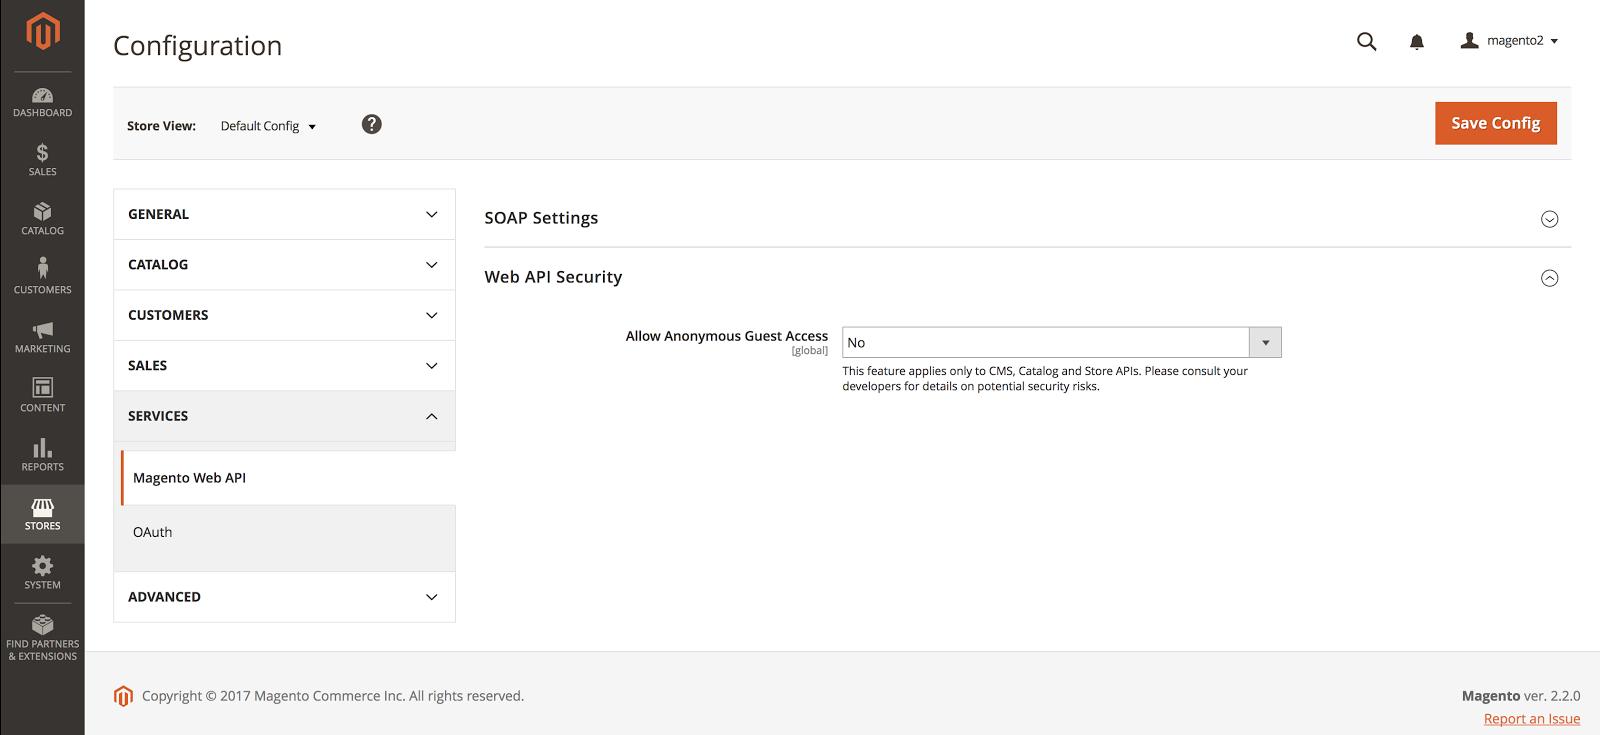 Configuración de Seguridad de la API en Magento2